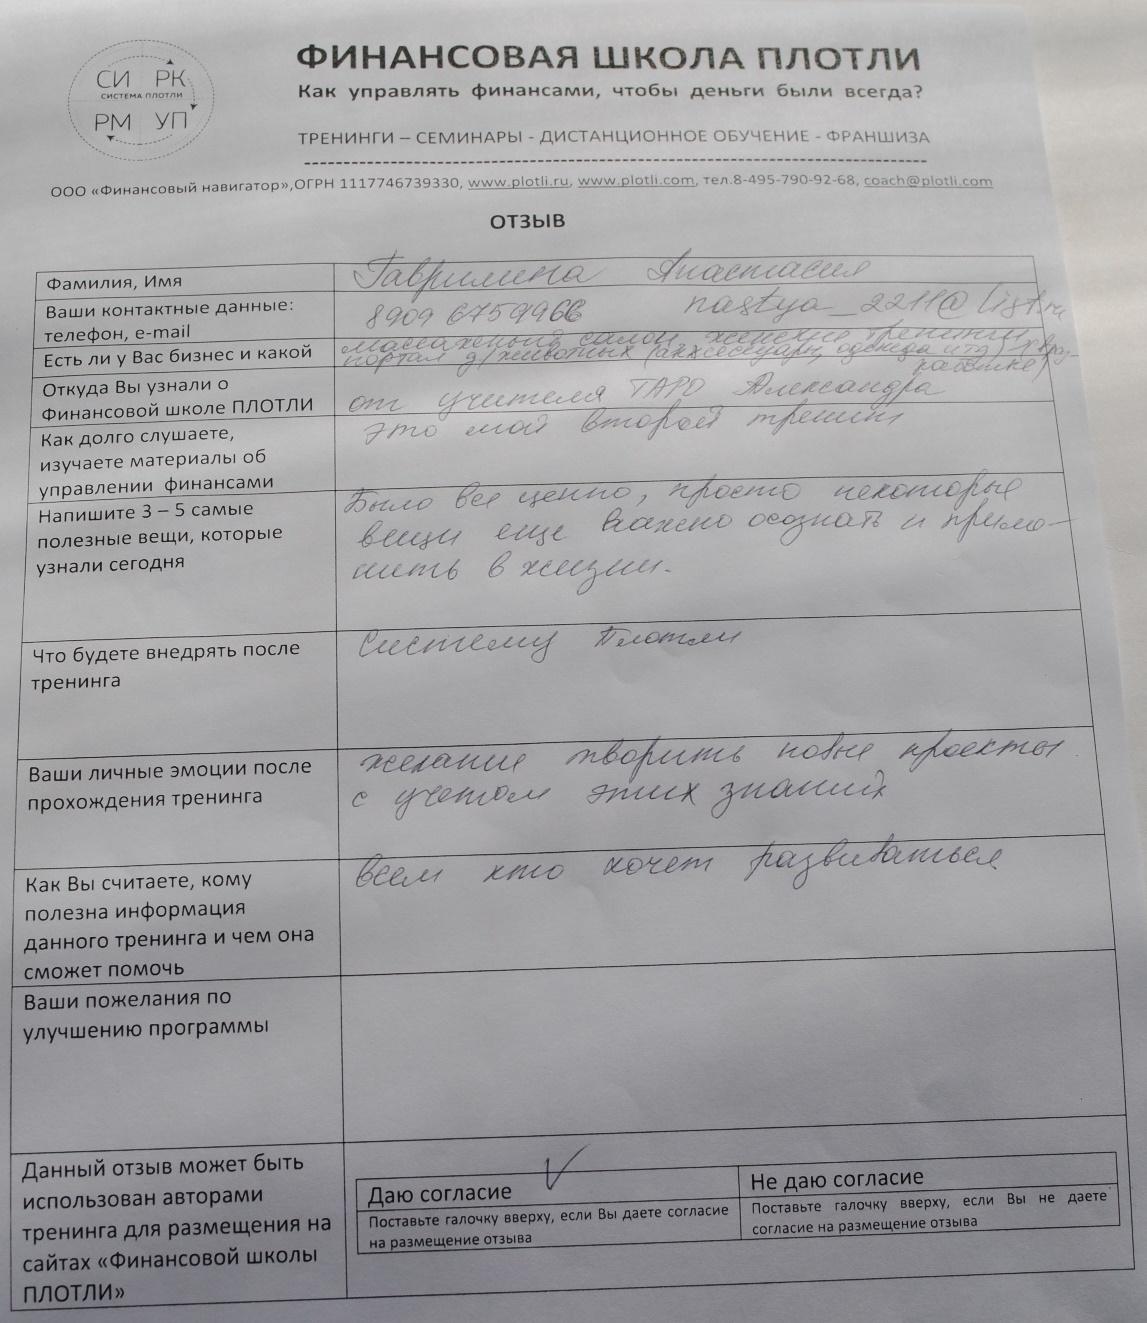 Отзыв о тренинге «ШАНСЫ & ФИНАНСЫ»  4 по СИСТЕМЕ ПЛОТЛИ